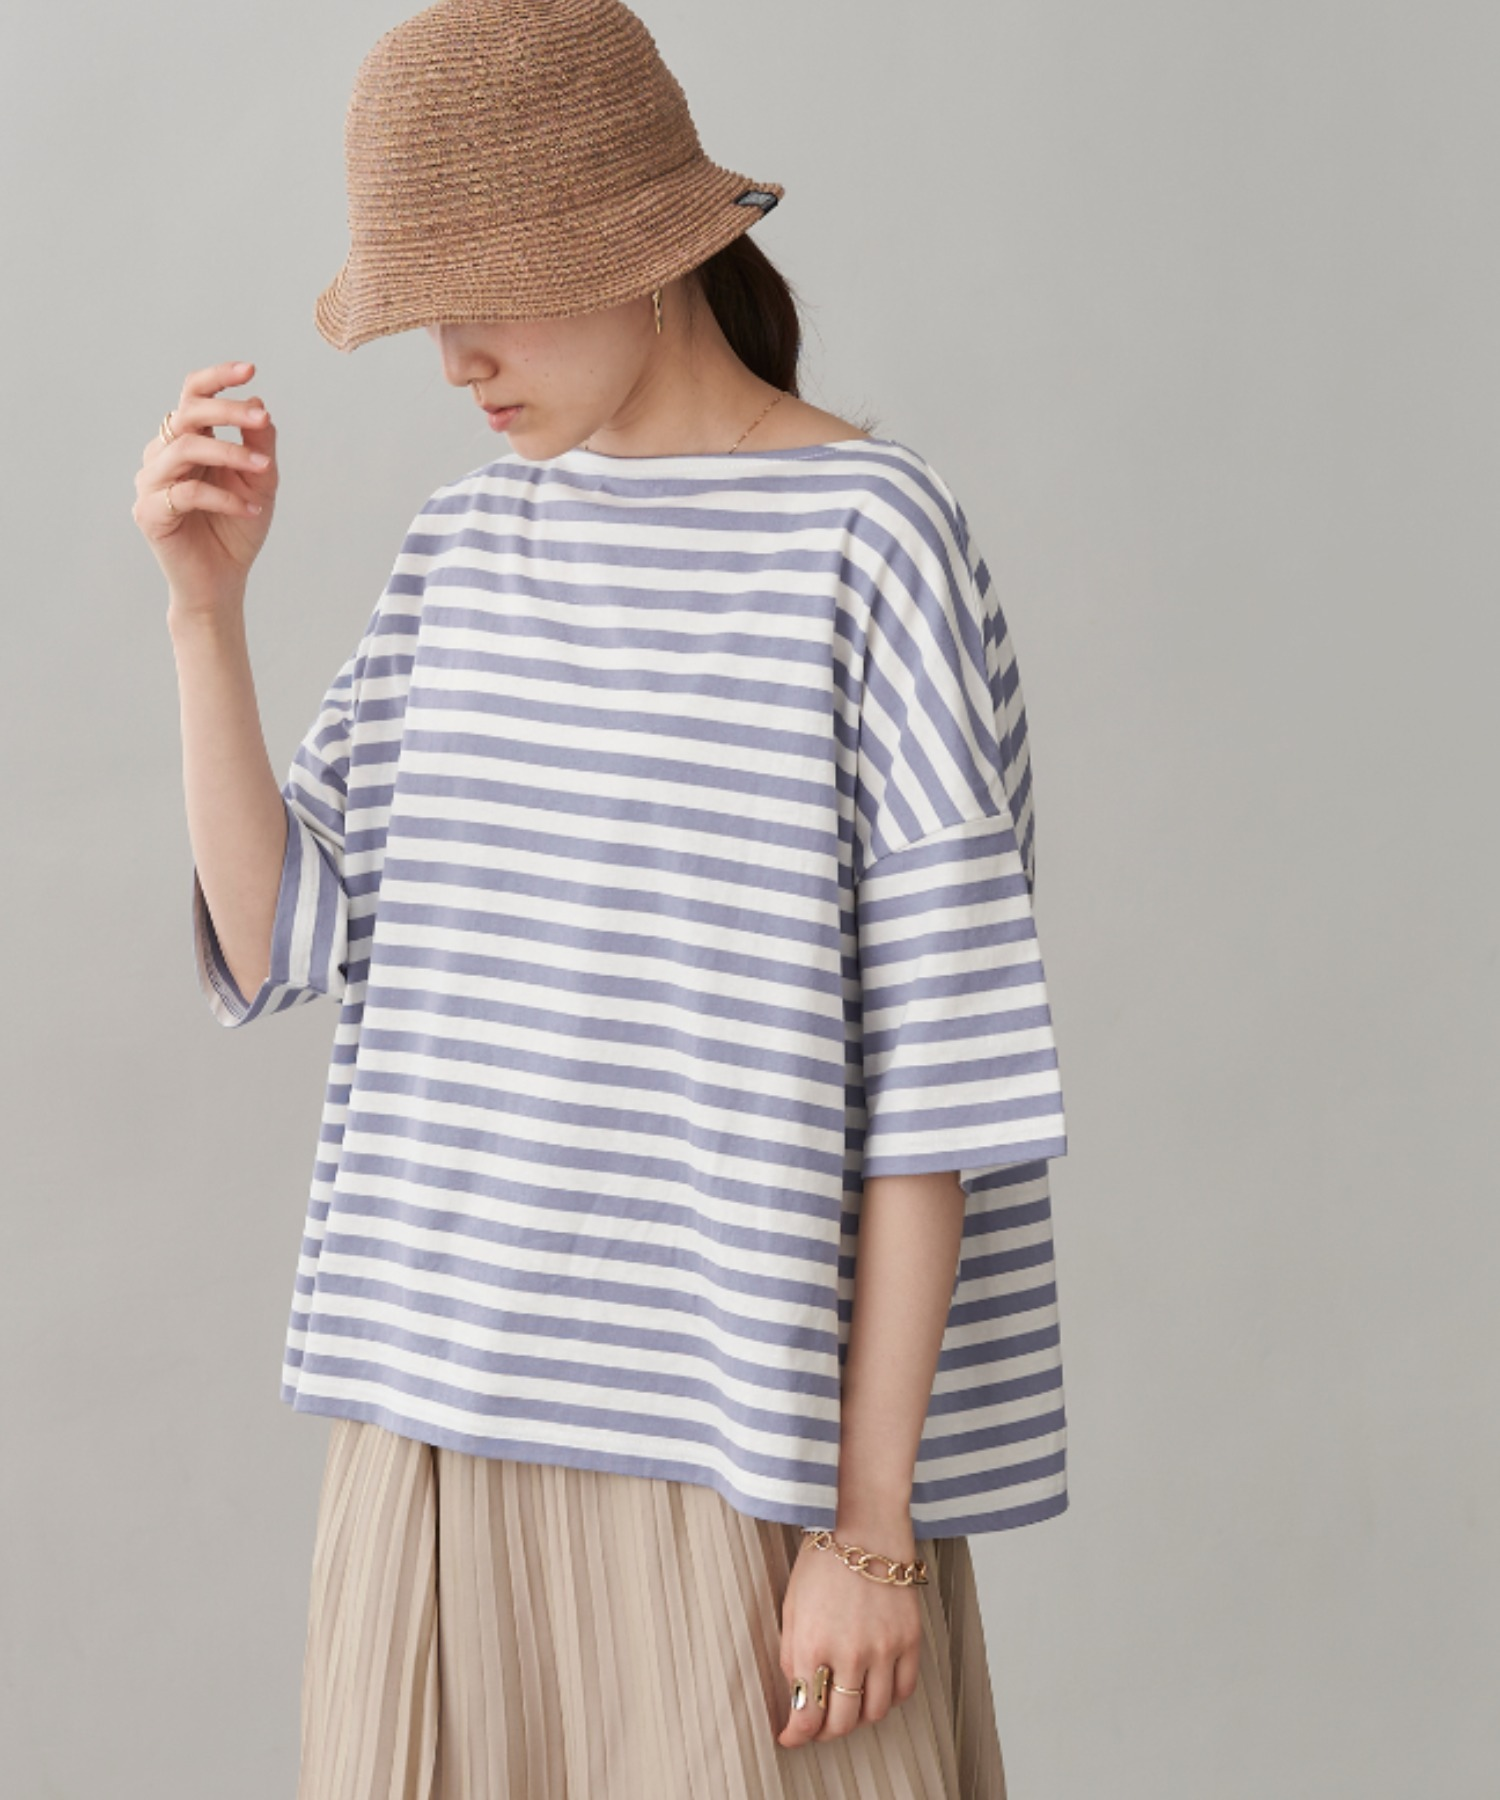 オーバーサイズ バスクボーダー半袖Tシャツ